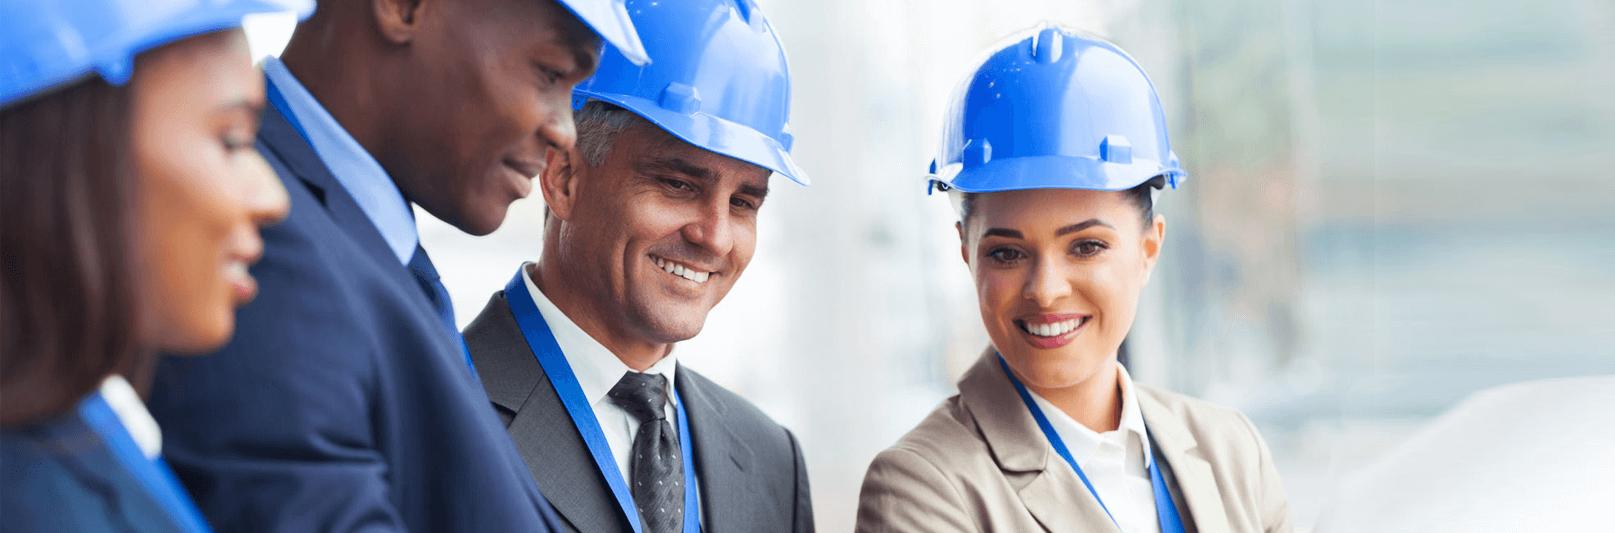 Recherche d'emploi - Accès aux métiers non traditionnels